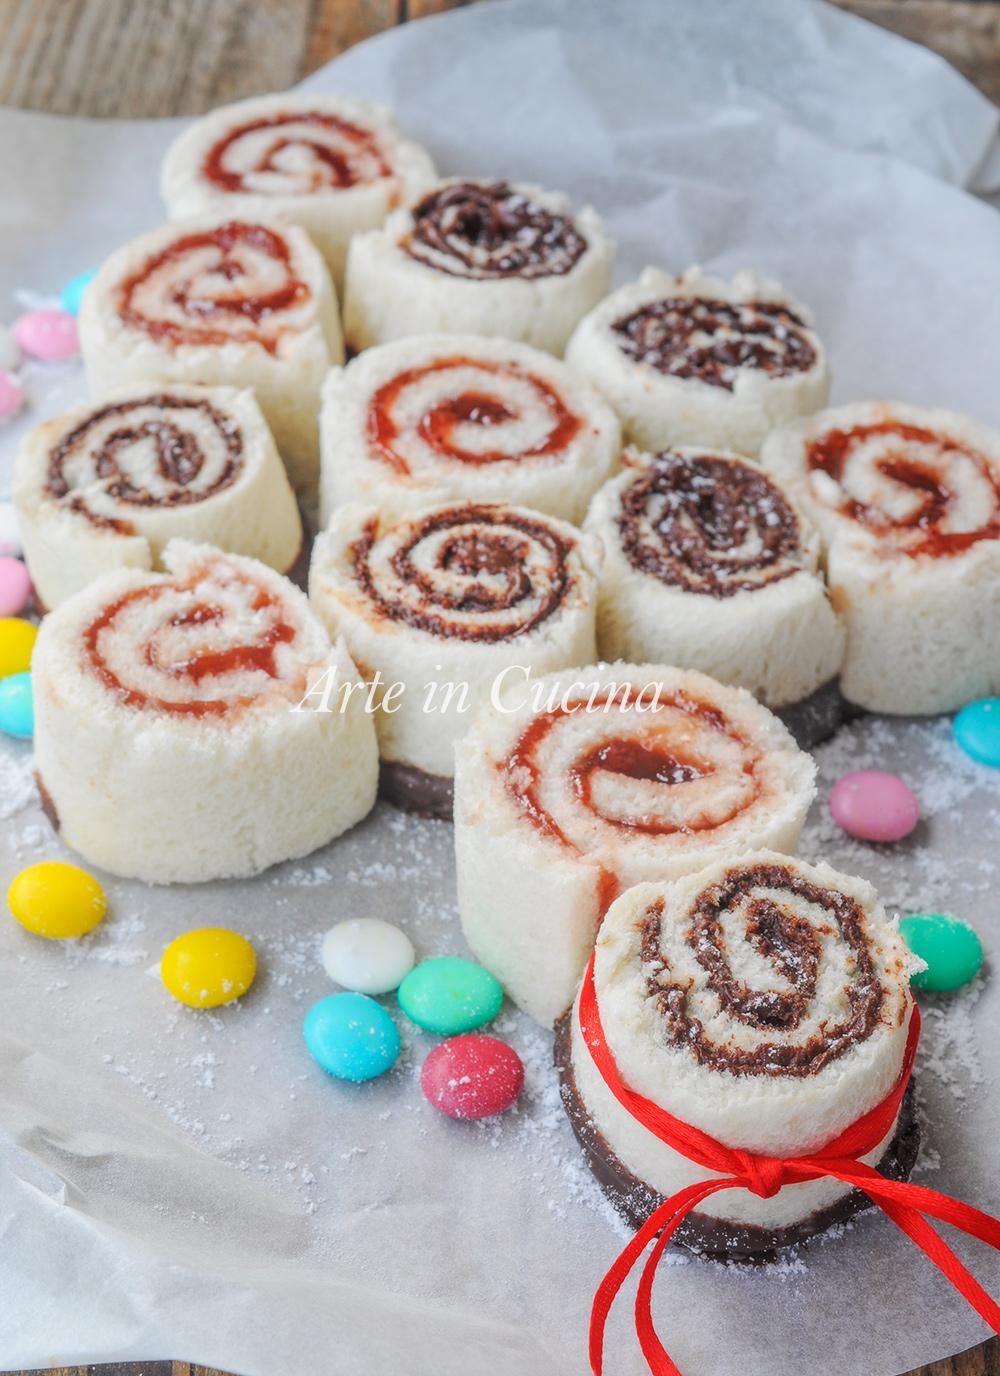 Albero di Natale di pancarre alla nutella o marmellata vickyart arte in cucina